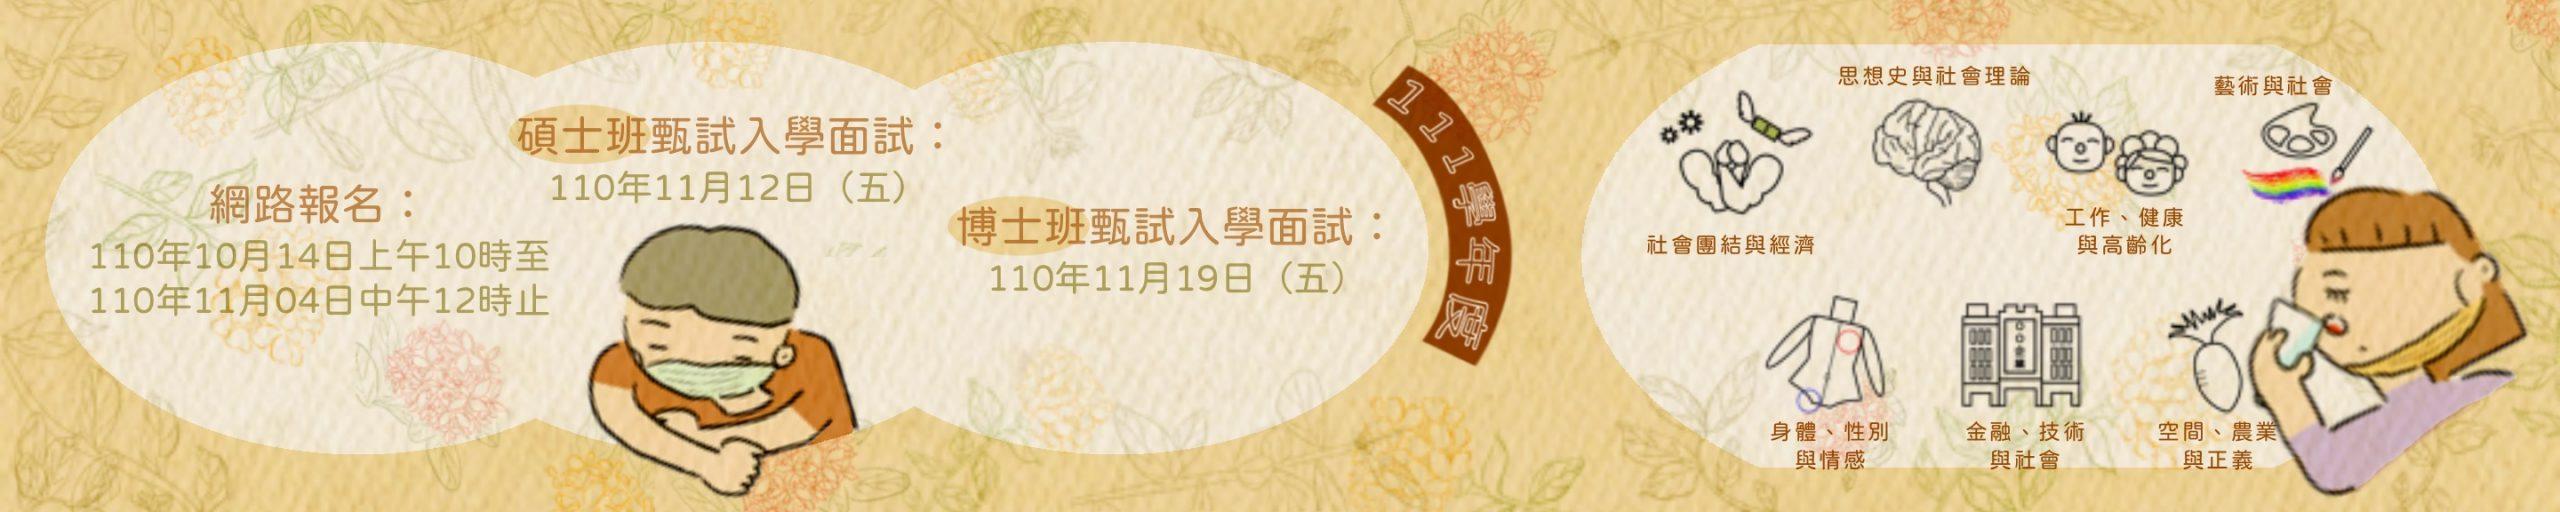 111學年度碩、博士甄選入學banner